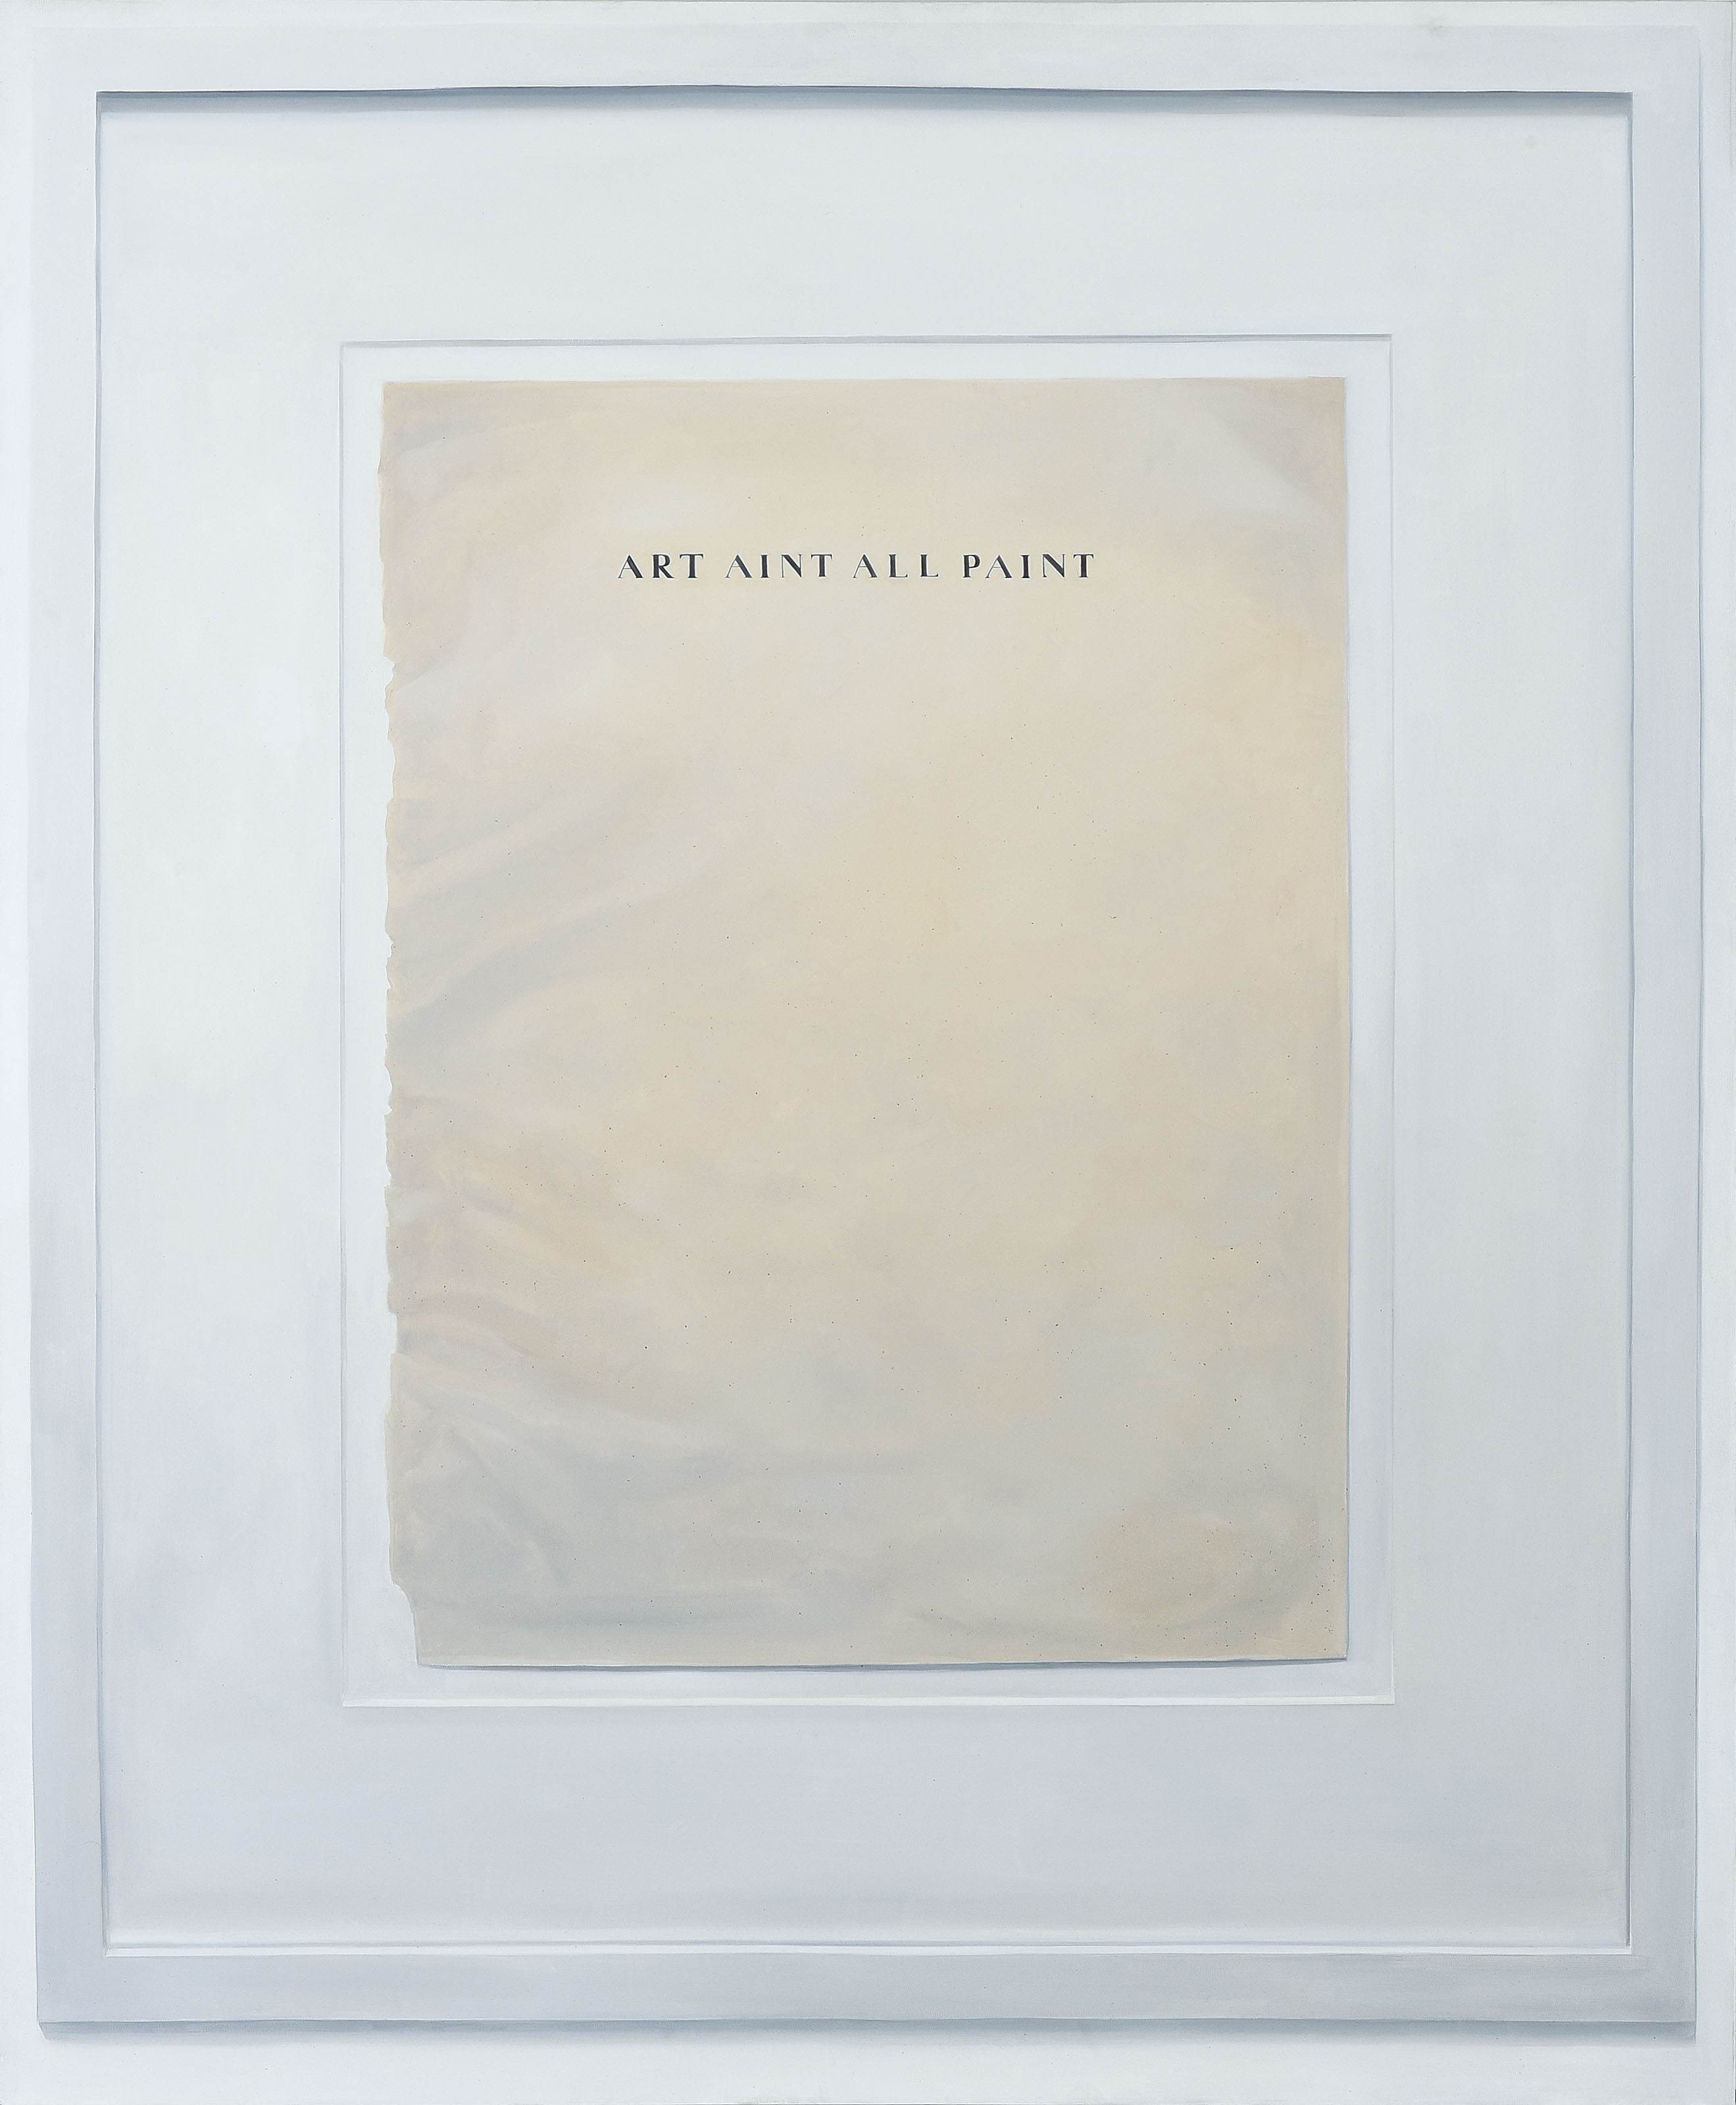 Art Ain't All Paint (After Matthew Higgs)